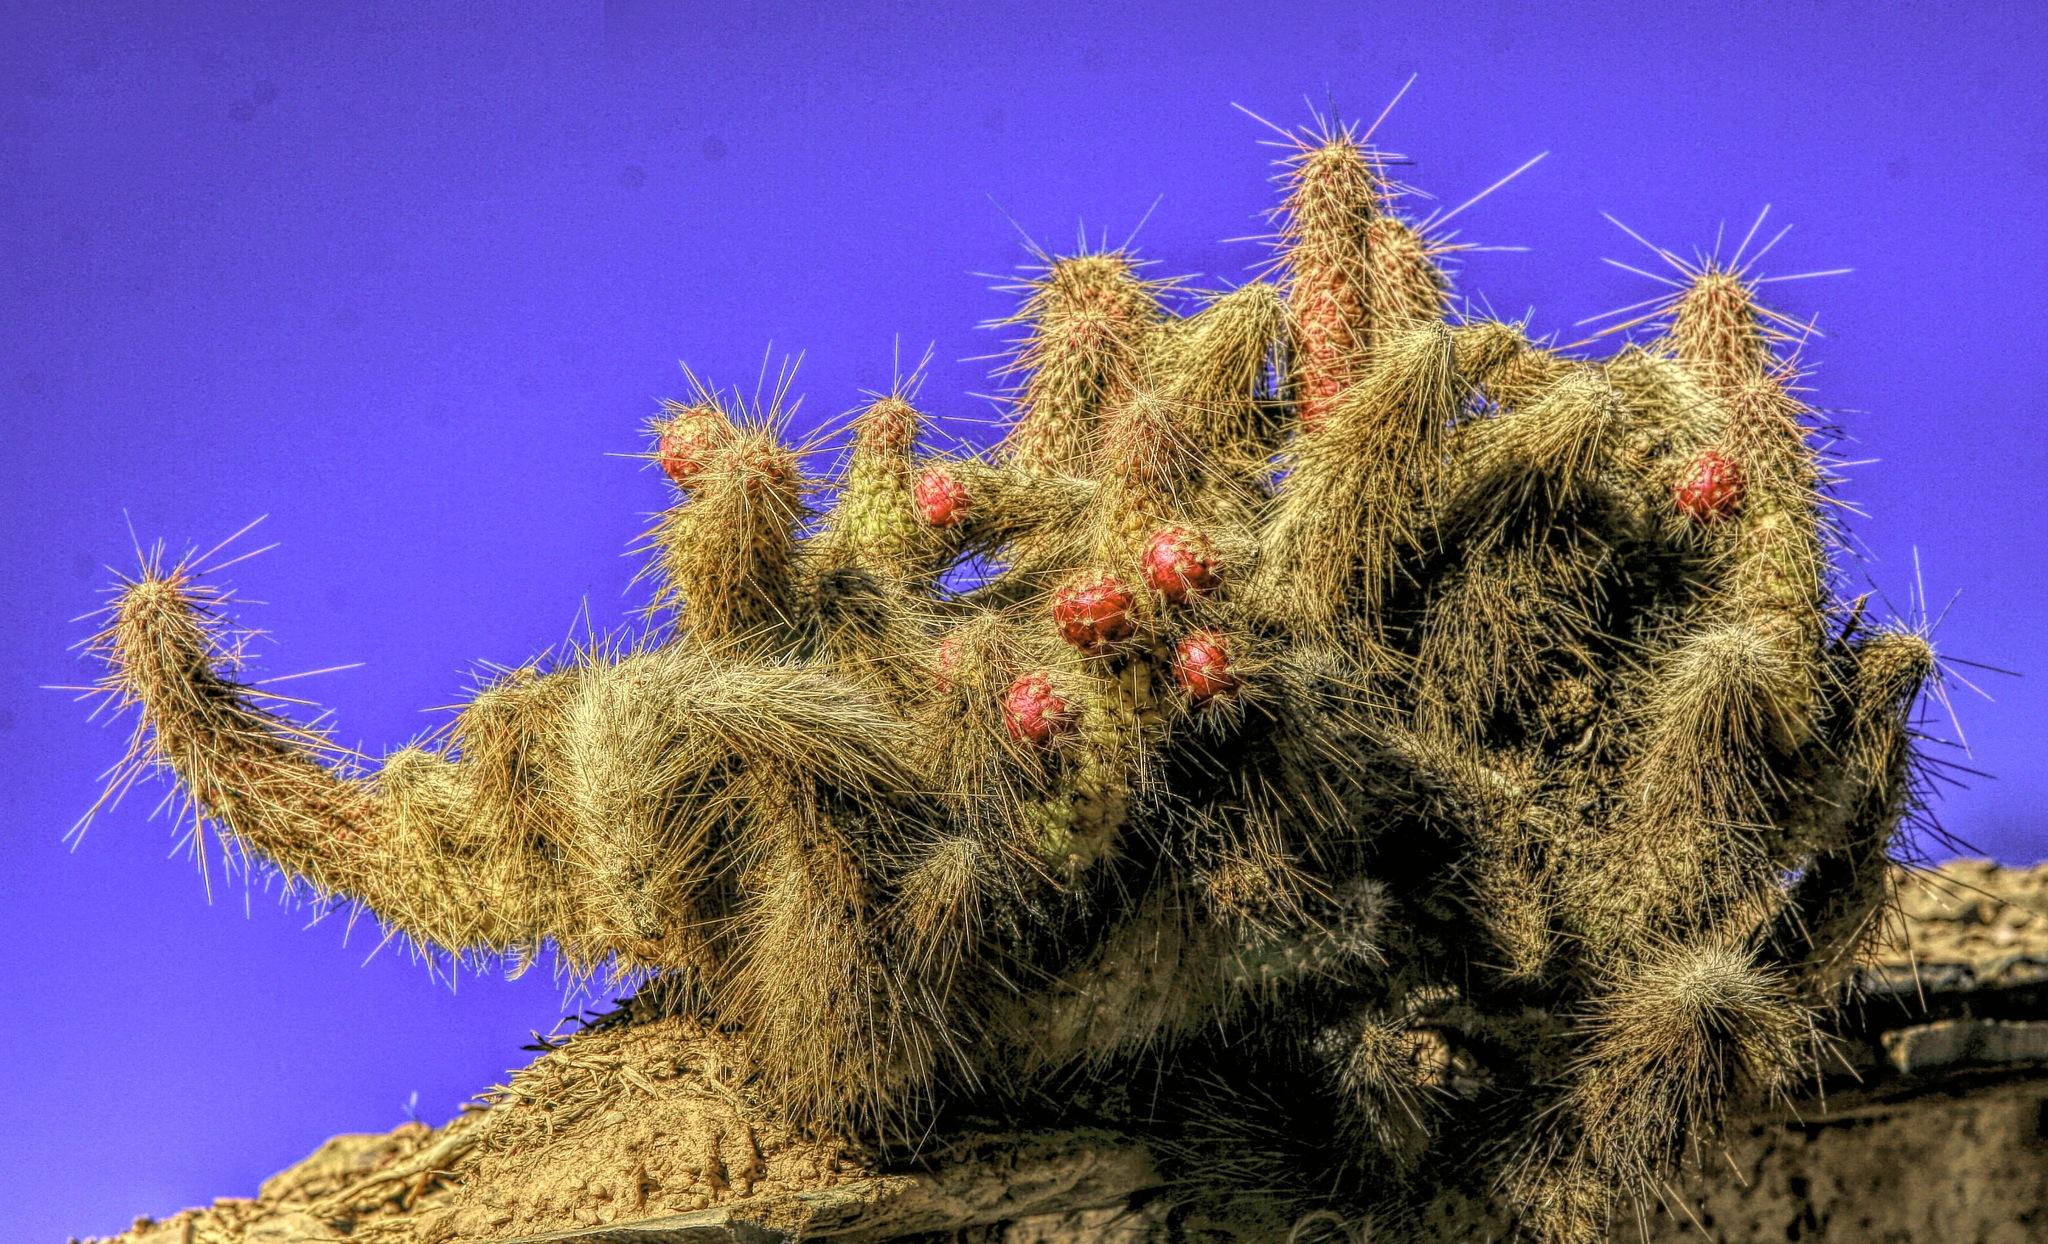 Cactus by Alberto Figueroa